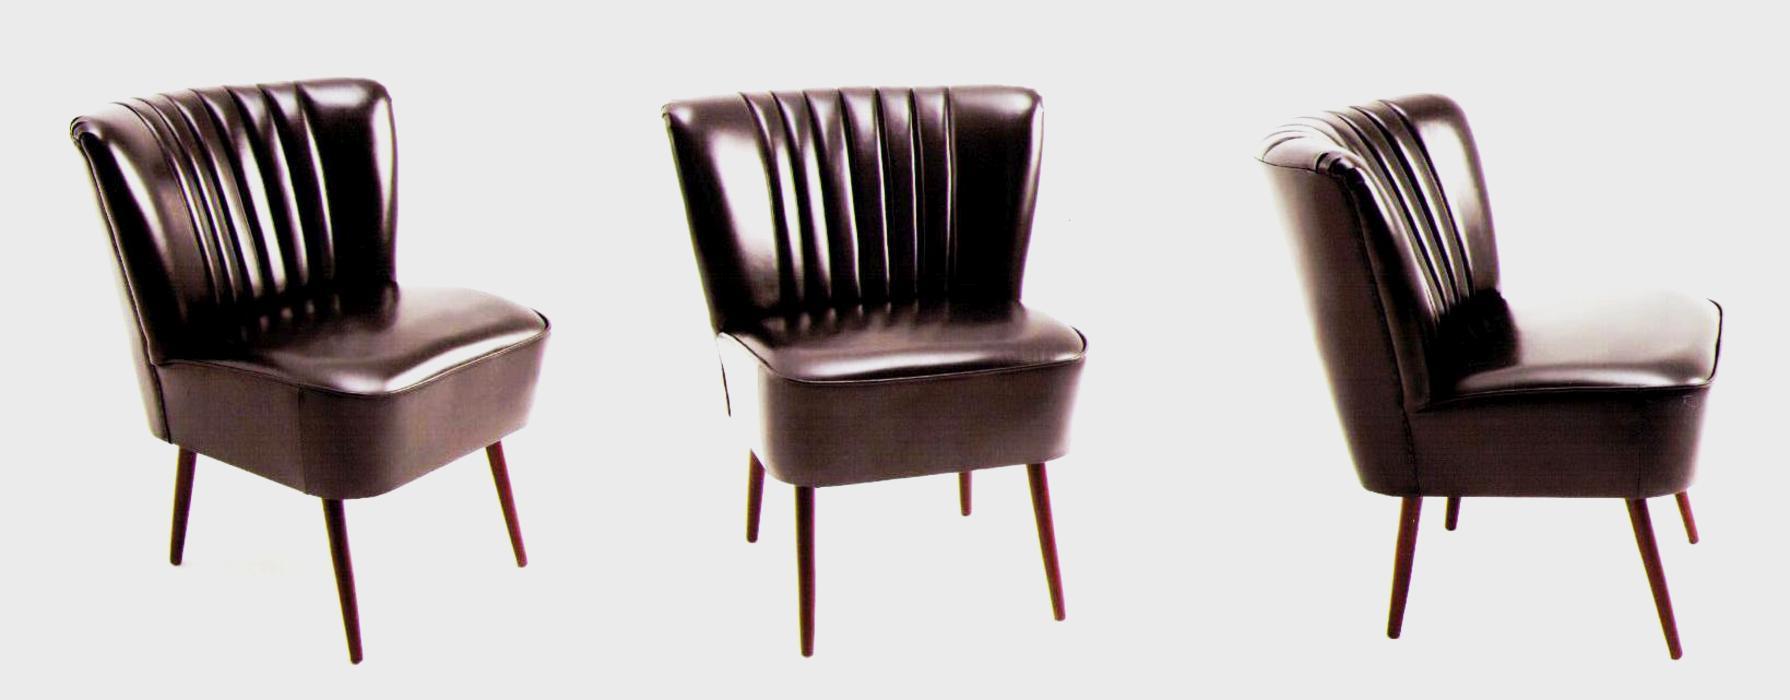 Sessel können auch einzeln bestellt werden